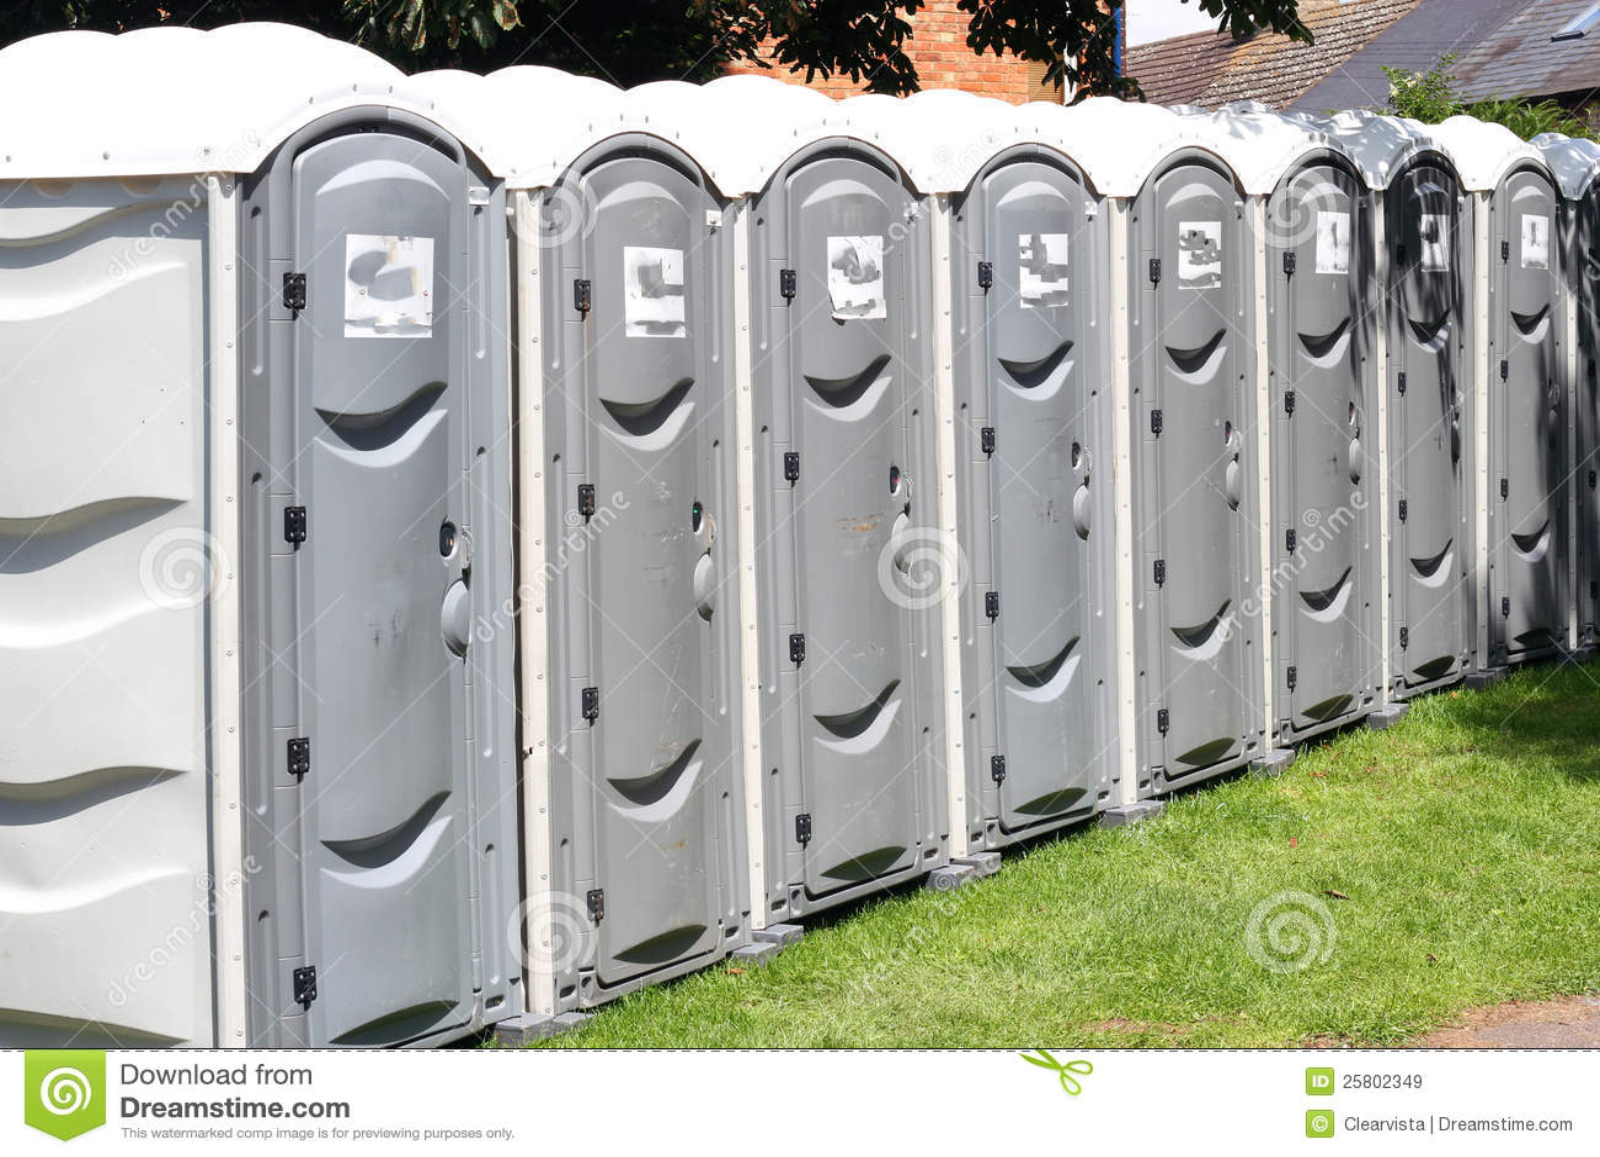 Ligne des toilettes extérieures portatives.